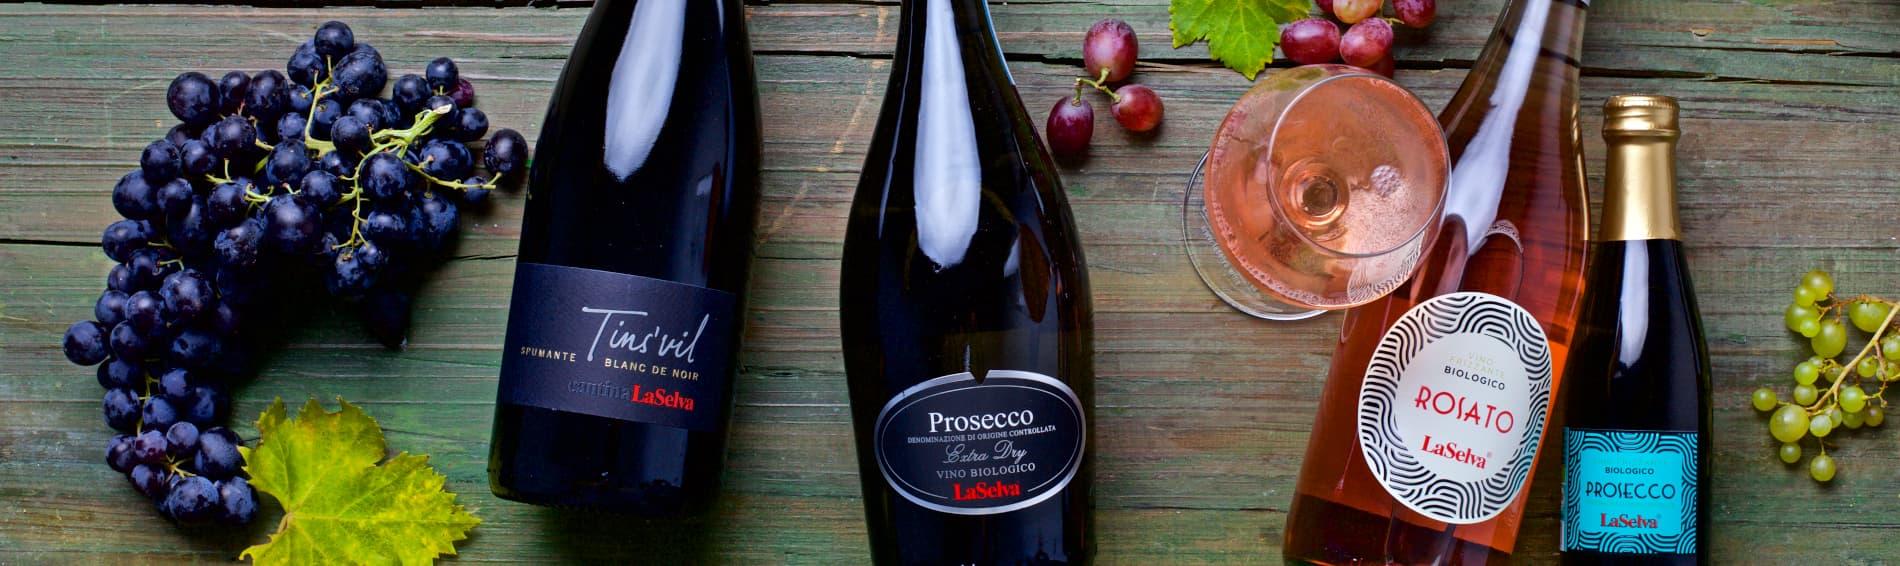 Prosecco & Spumante